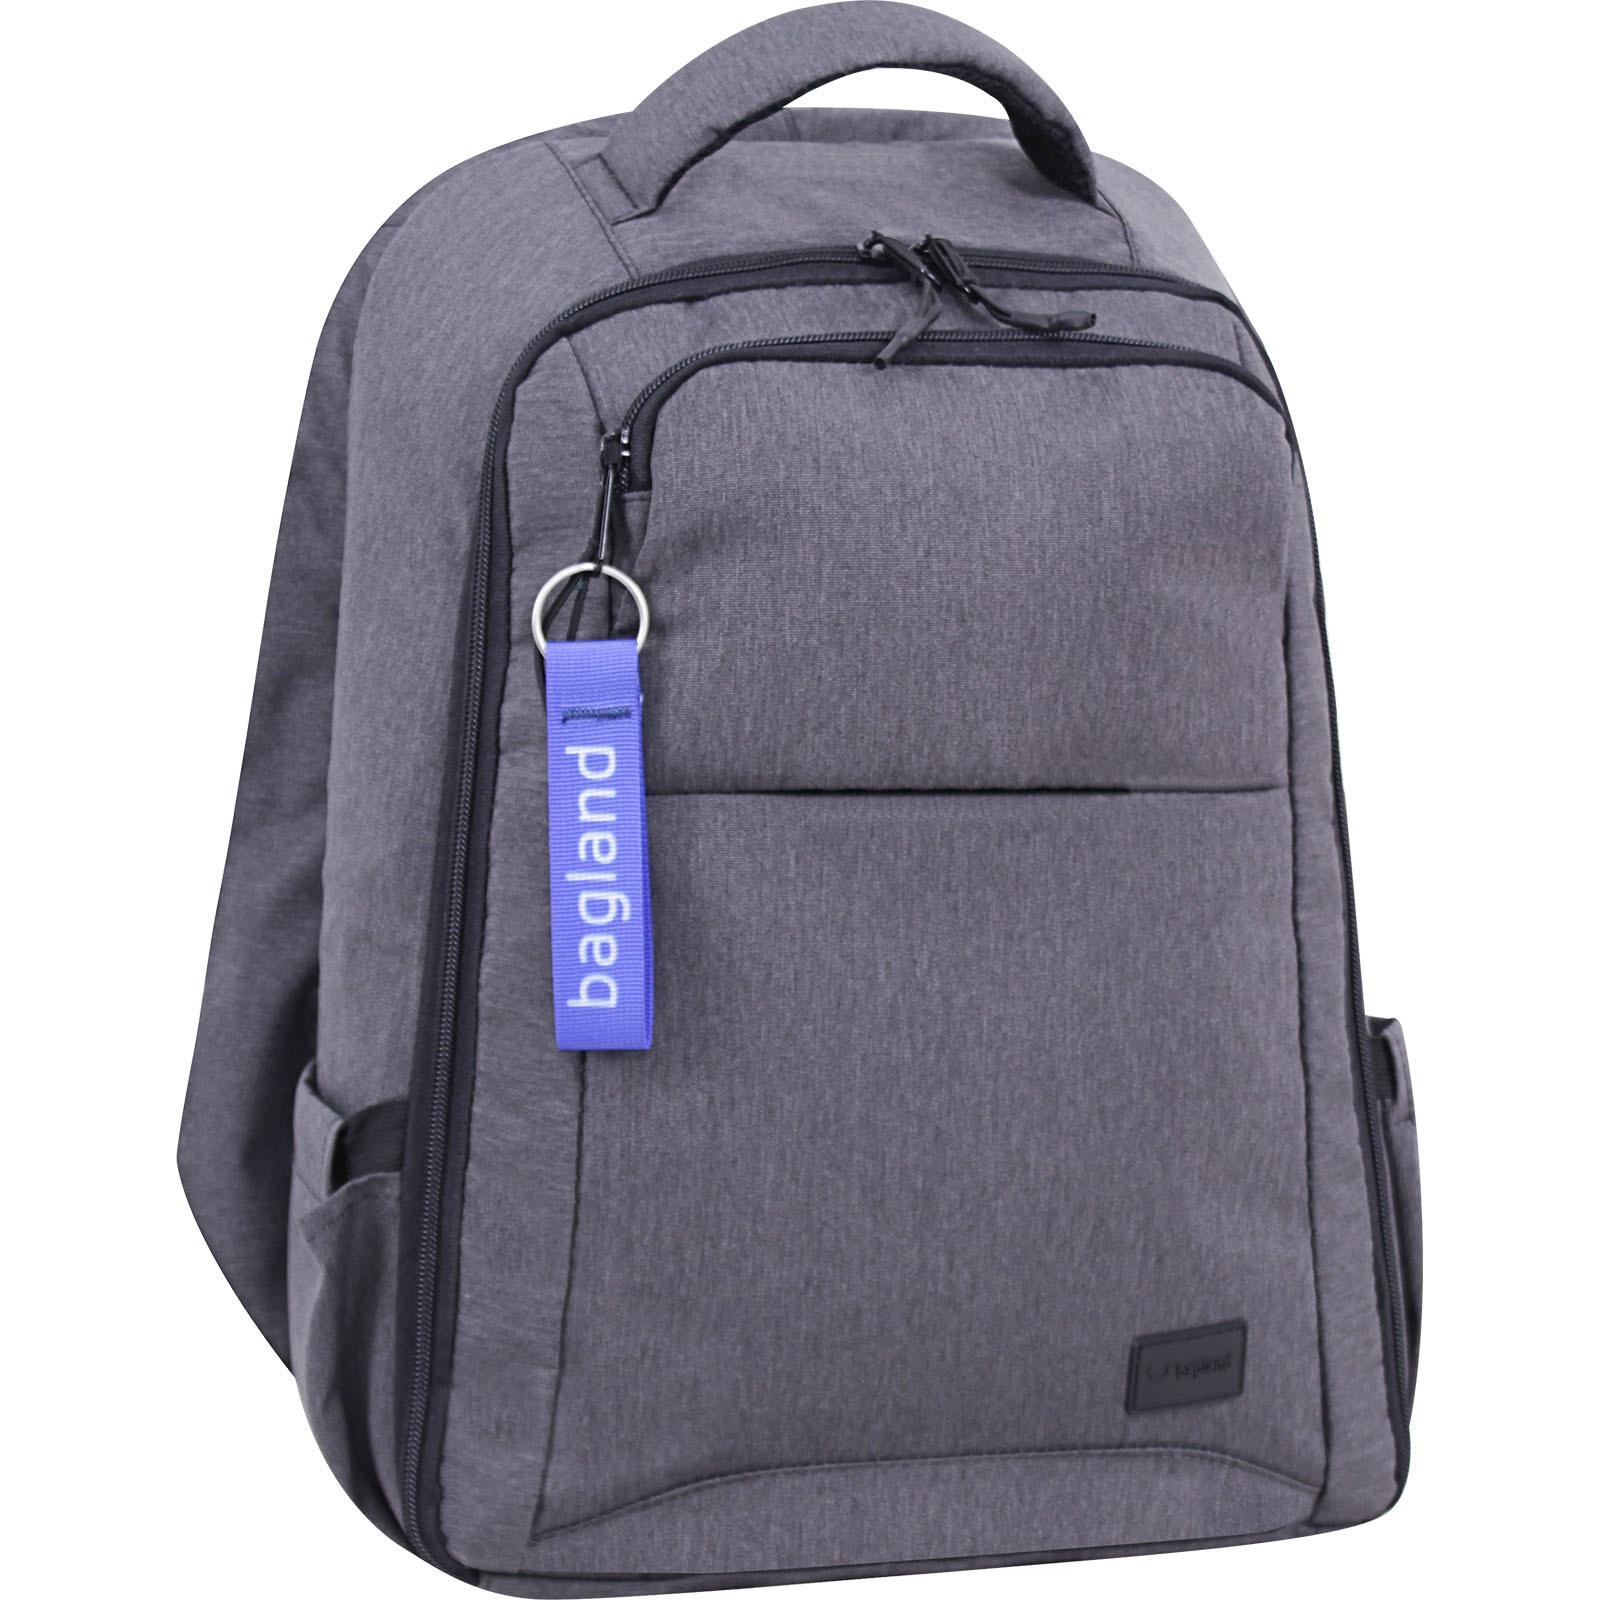 Мужские рюкзаки Рюкзак Bagland Бремен 23 л. Серый (0016569) IMG_7577-1600.jpg